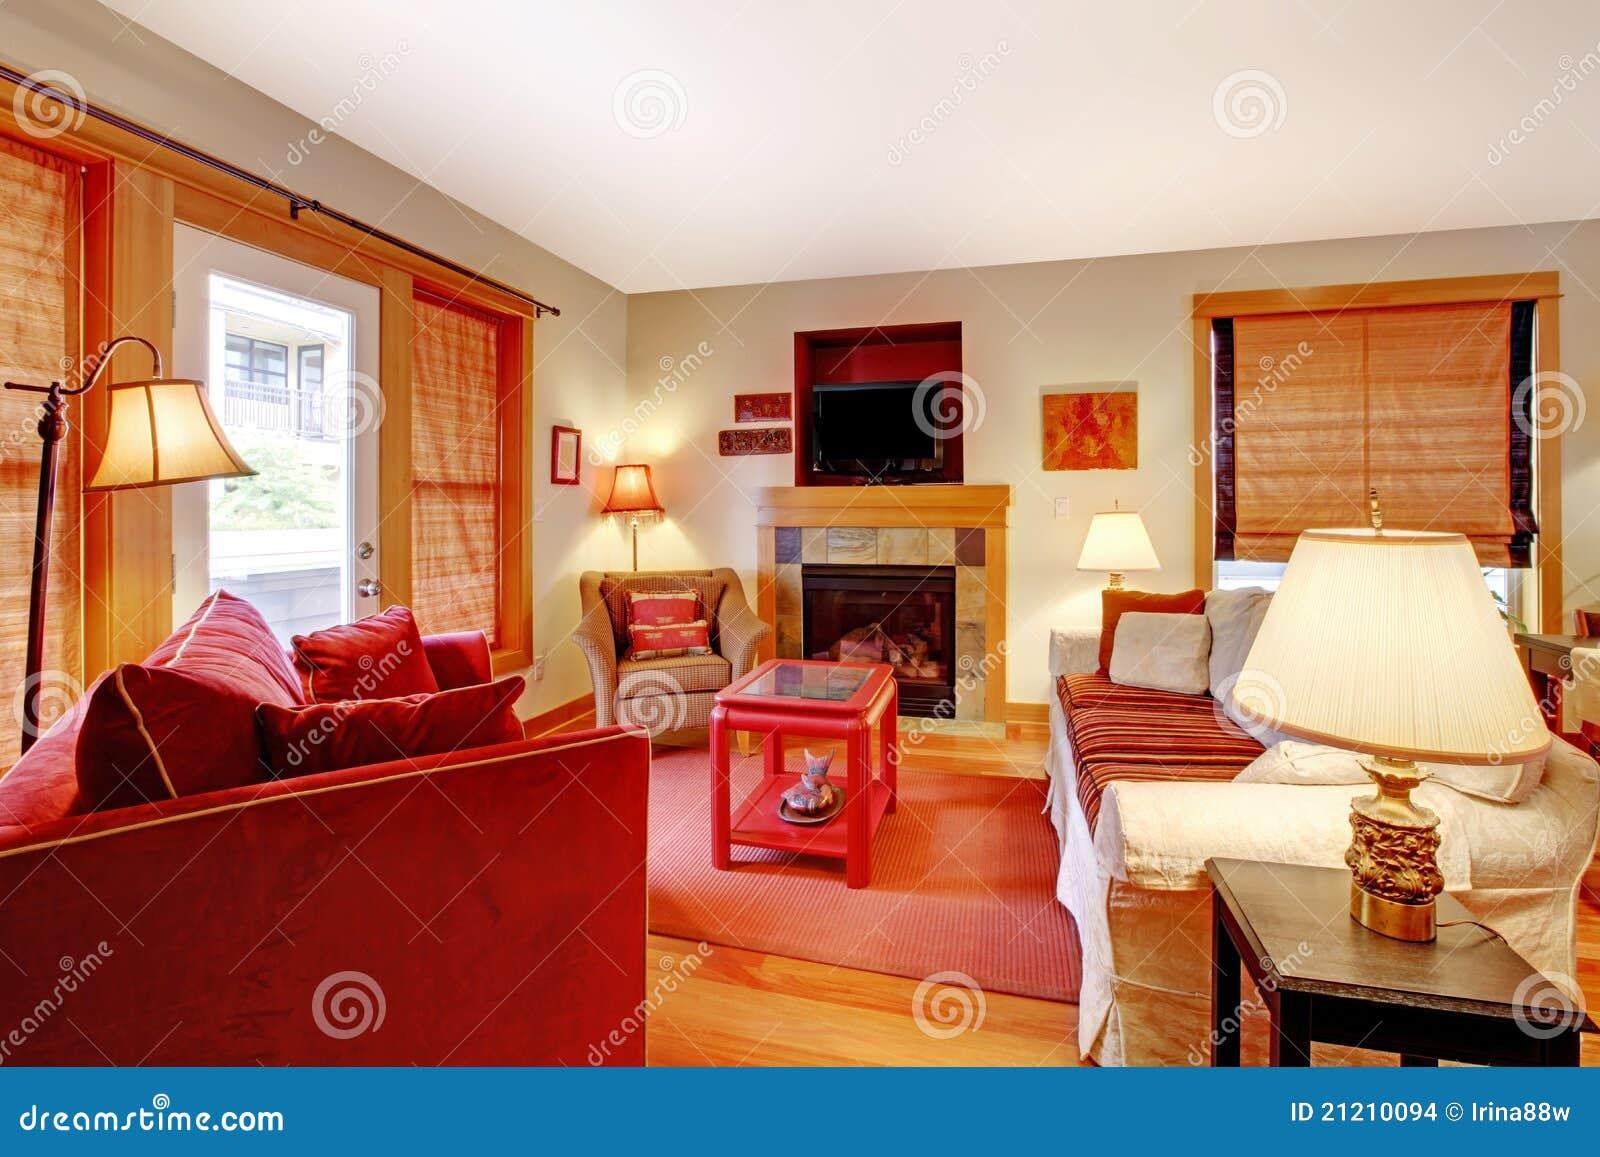 Wohnzimmer Mit Rotem Sofa Elvenbride